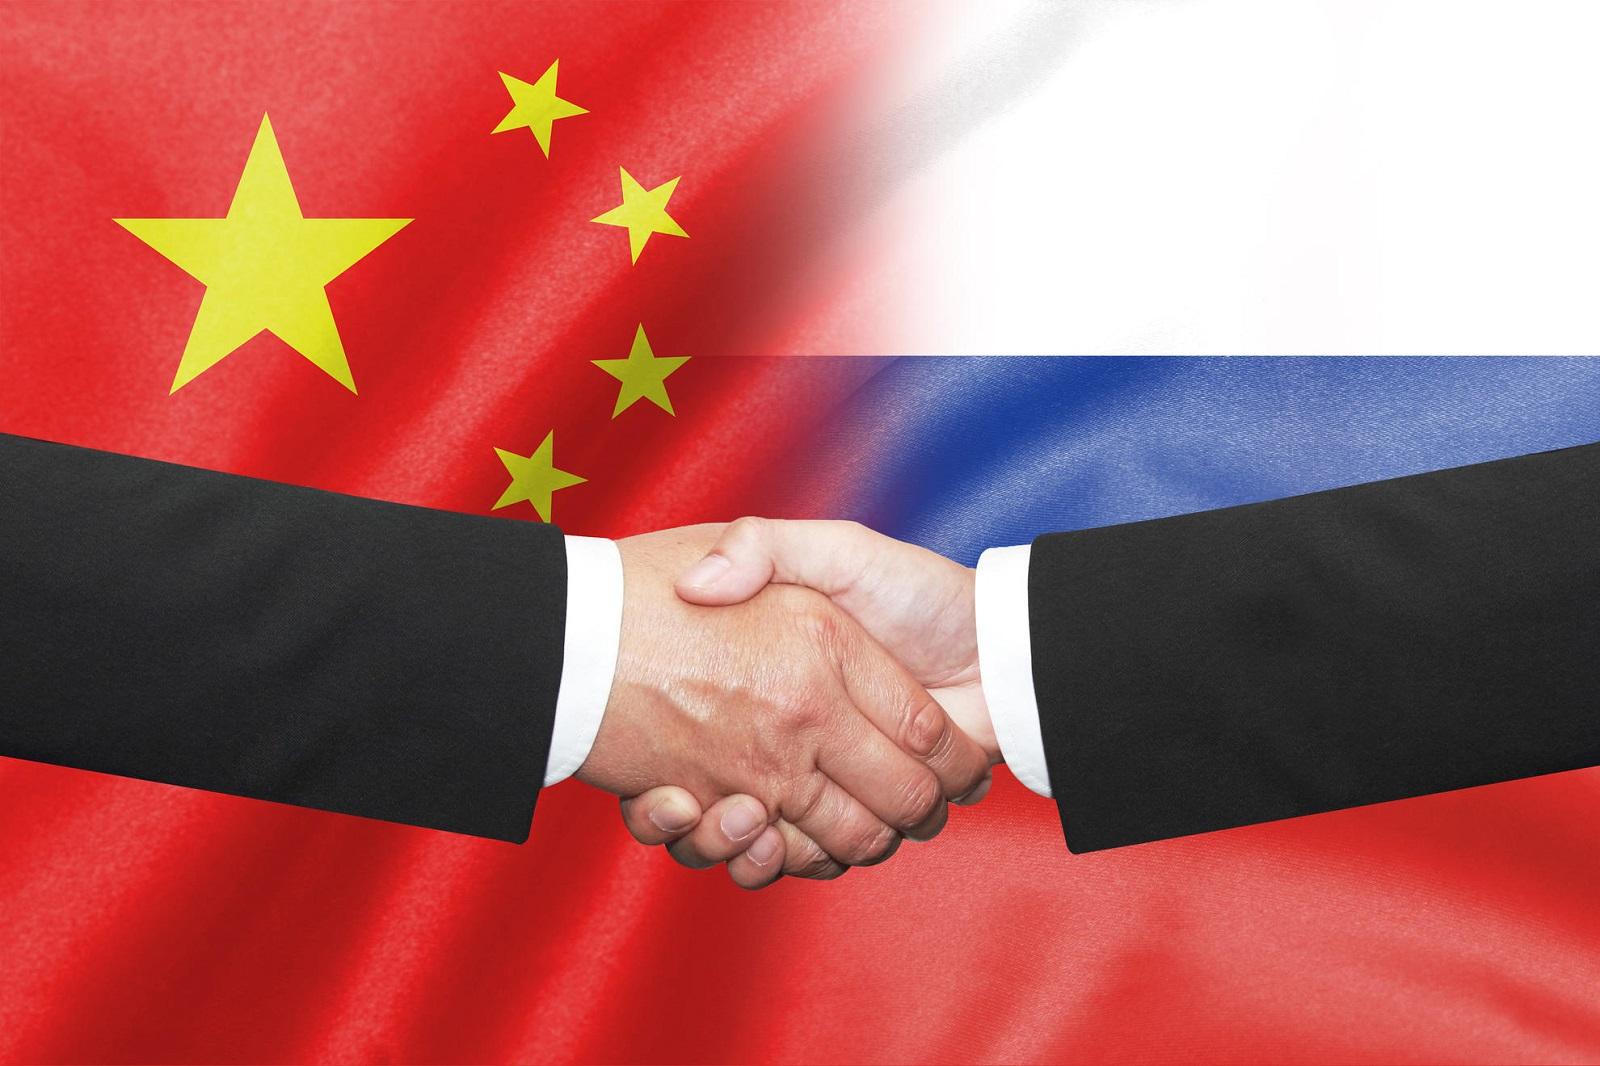 阿富汗塔利班访问俄罗斯莫斯科和中国北京并与两国官员会晤插图12-小狮座俄罗斯留学